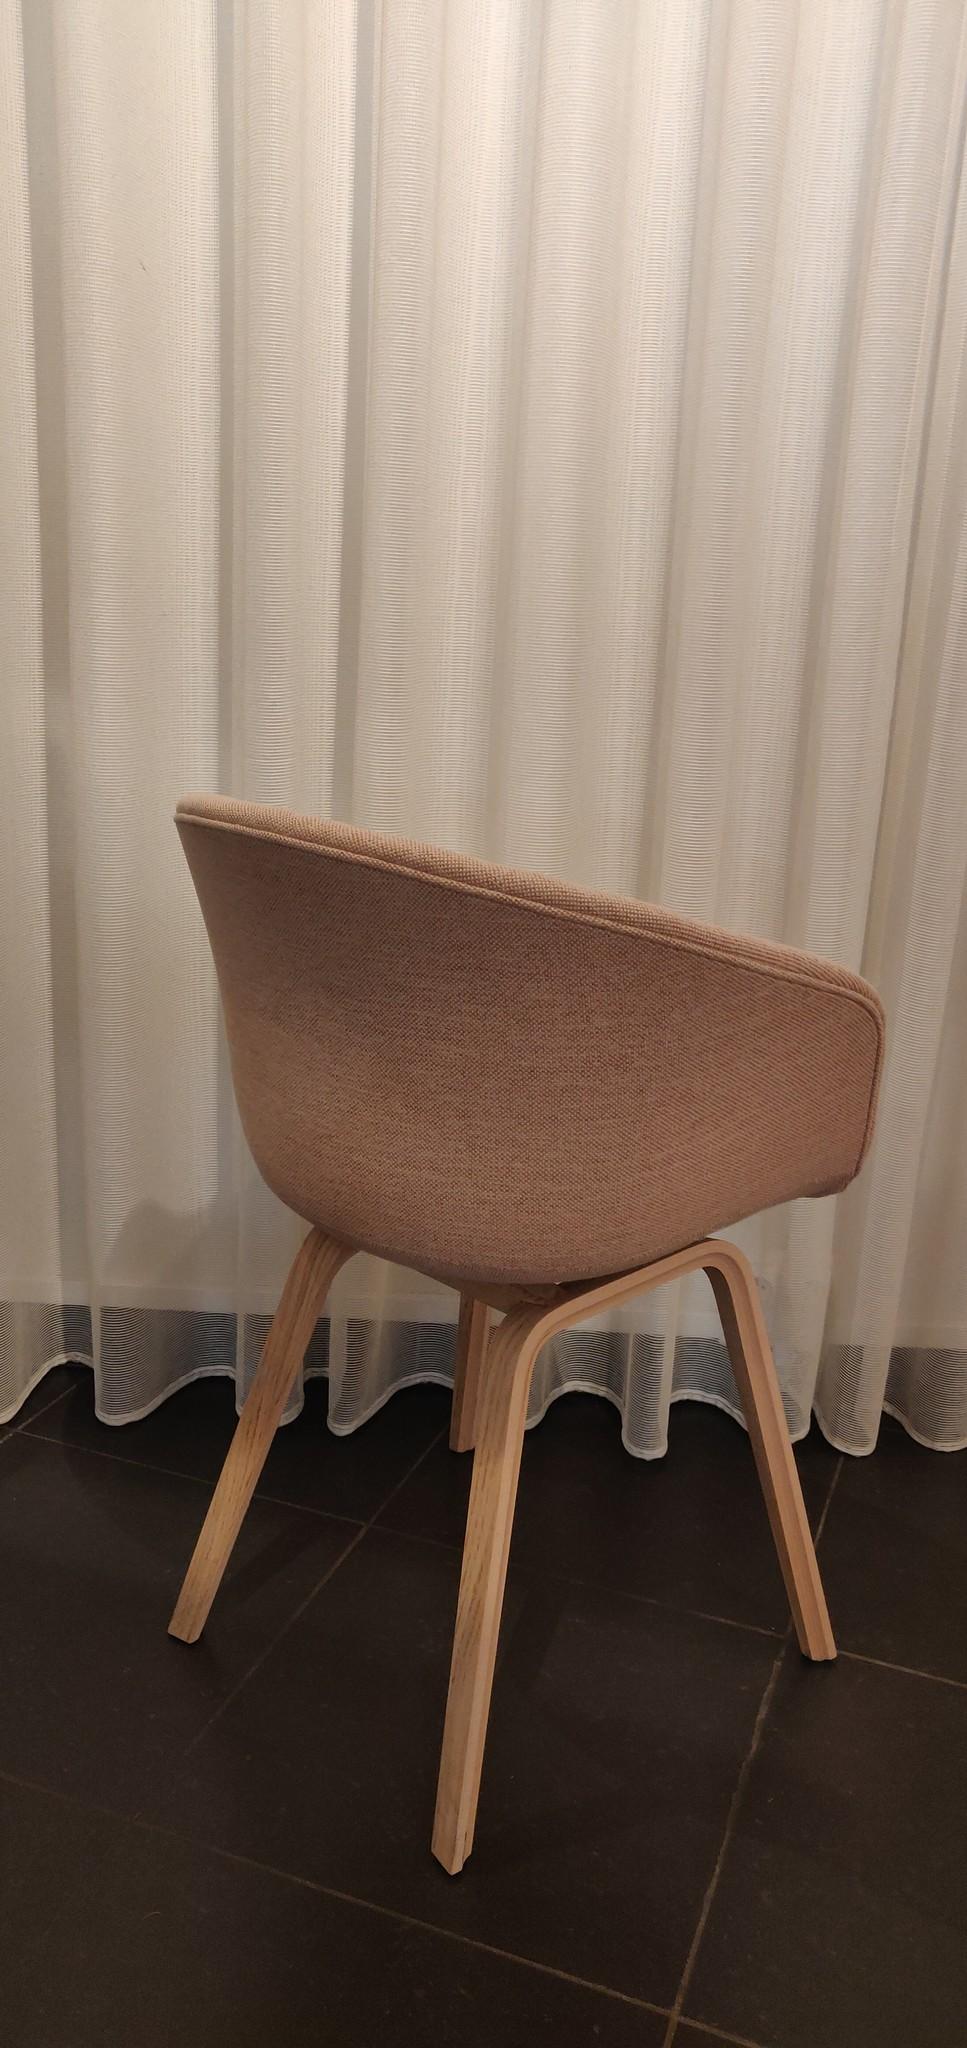 Toonzaalmodel AAC 23 Soft Matt lacquered oak veneer - Mode 26-3